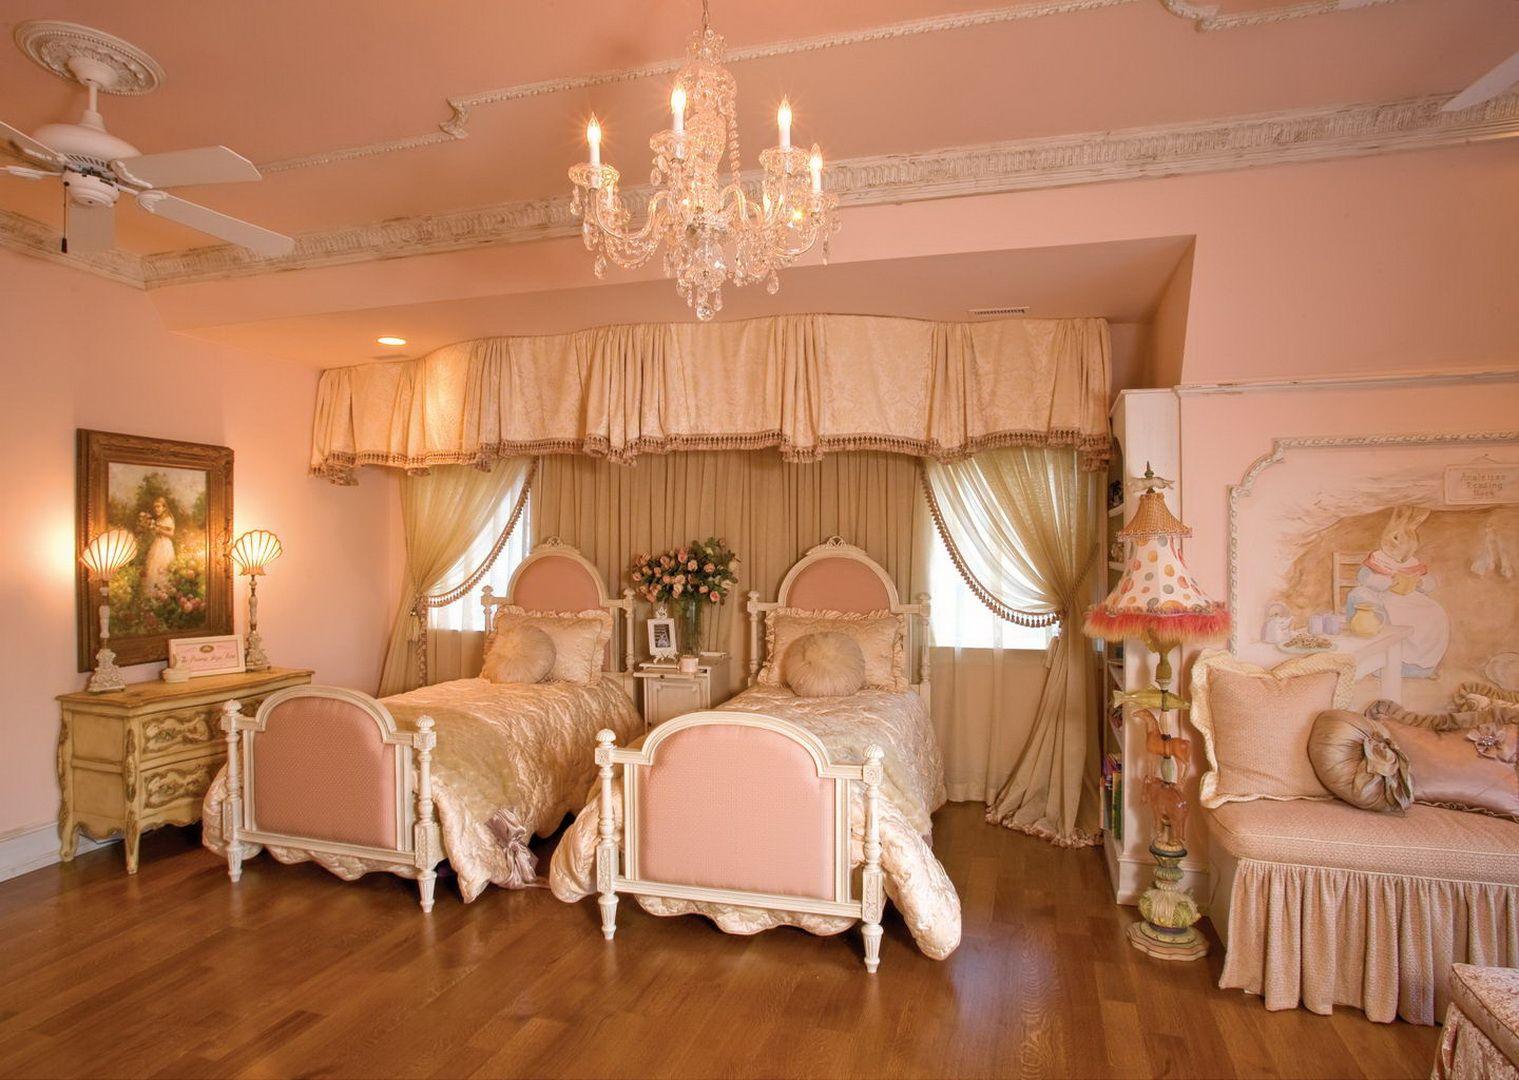 Ú¿Ú¿Ú¿Ú° Visualize It Feel It Own It Luxurious Bedrooms Luxury Rooms Princess Bedroom